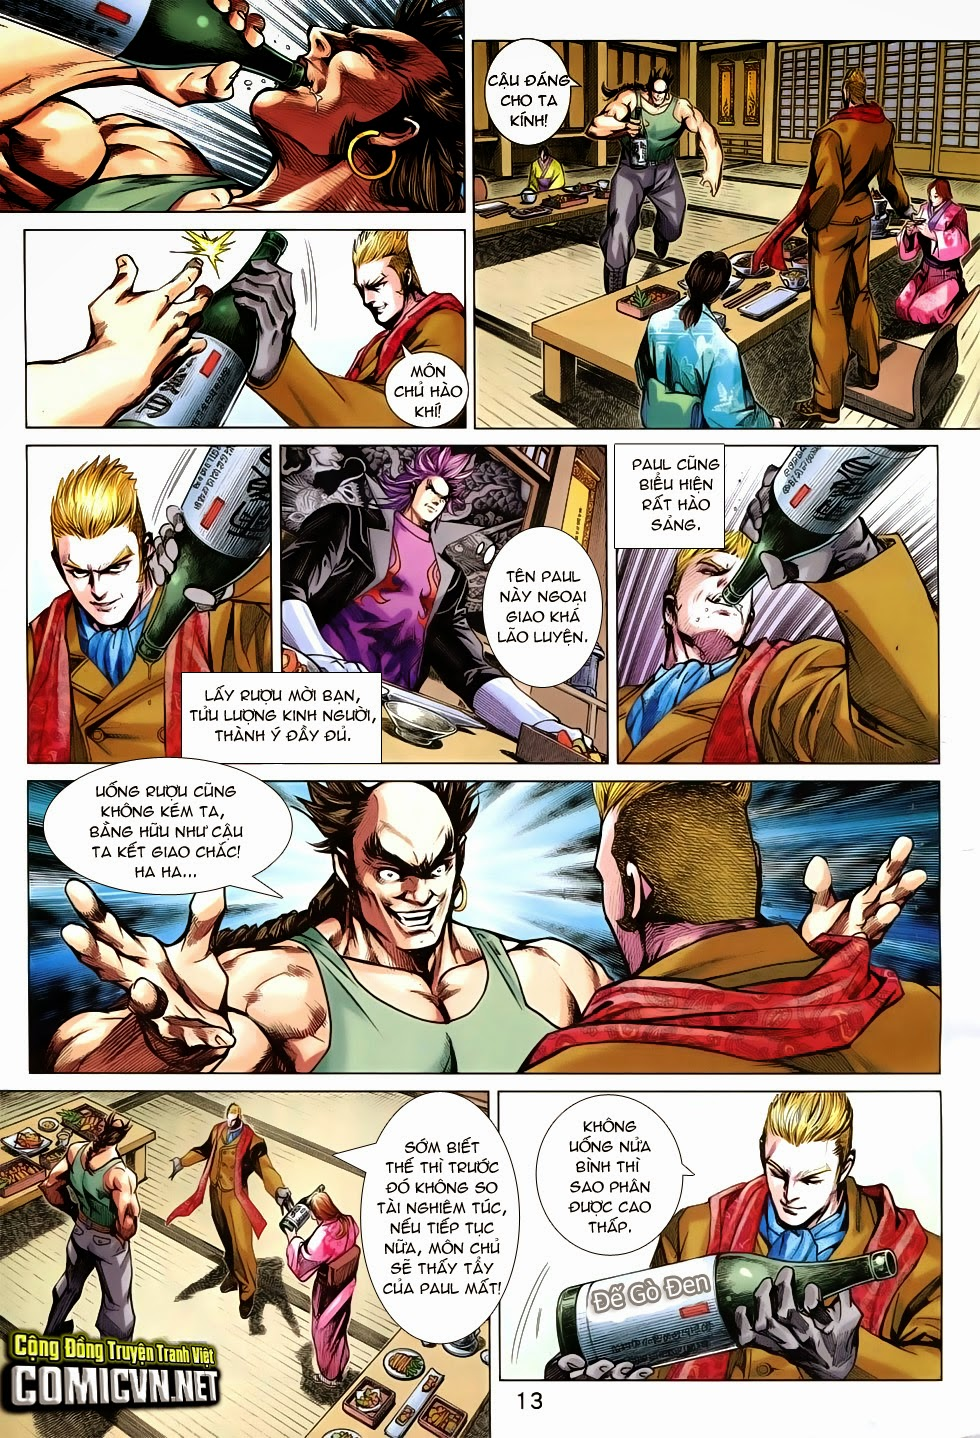 Tân Tác Long Hổ Môn trang 13